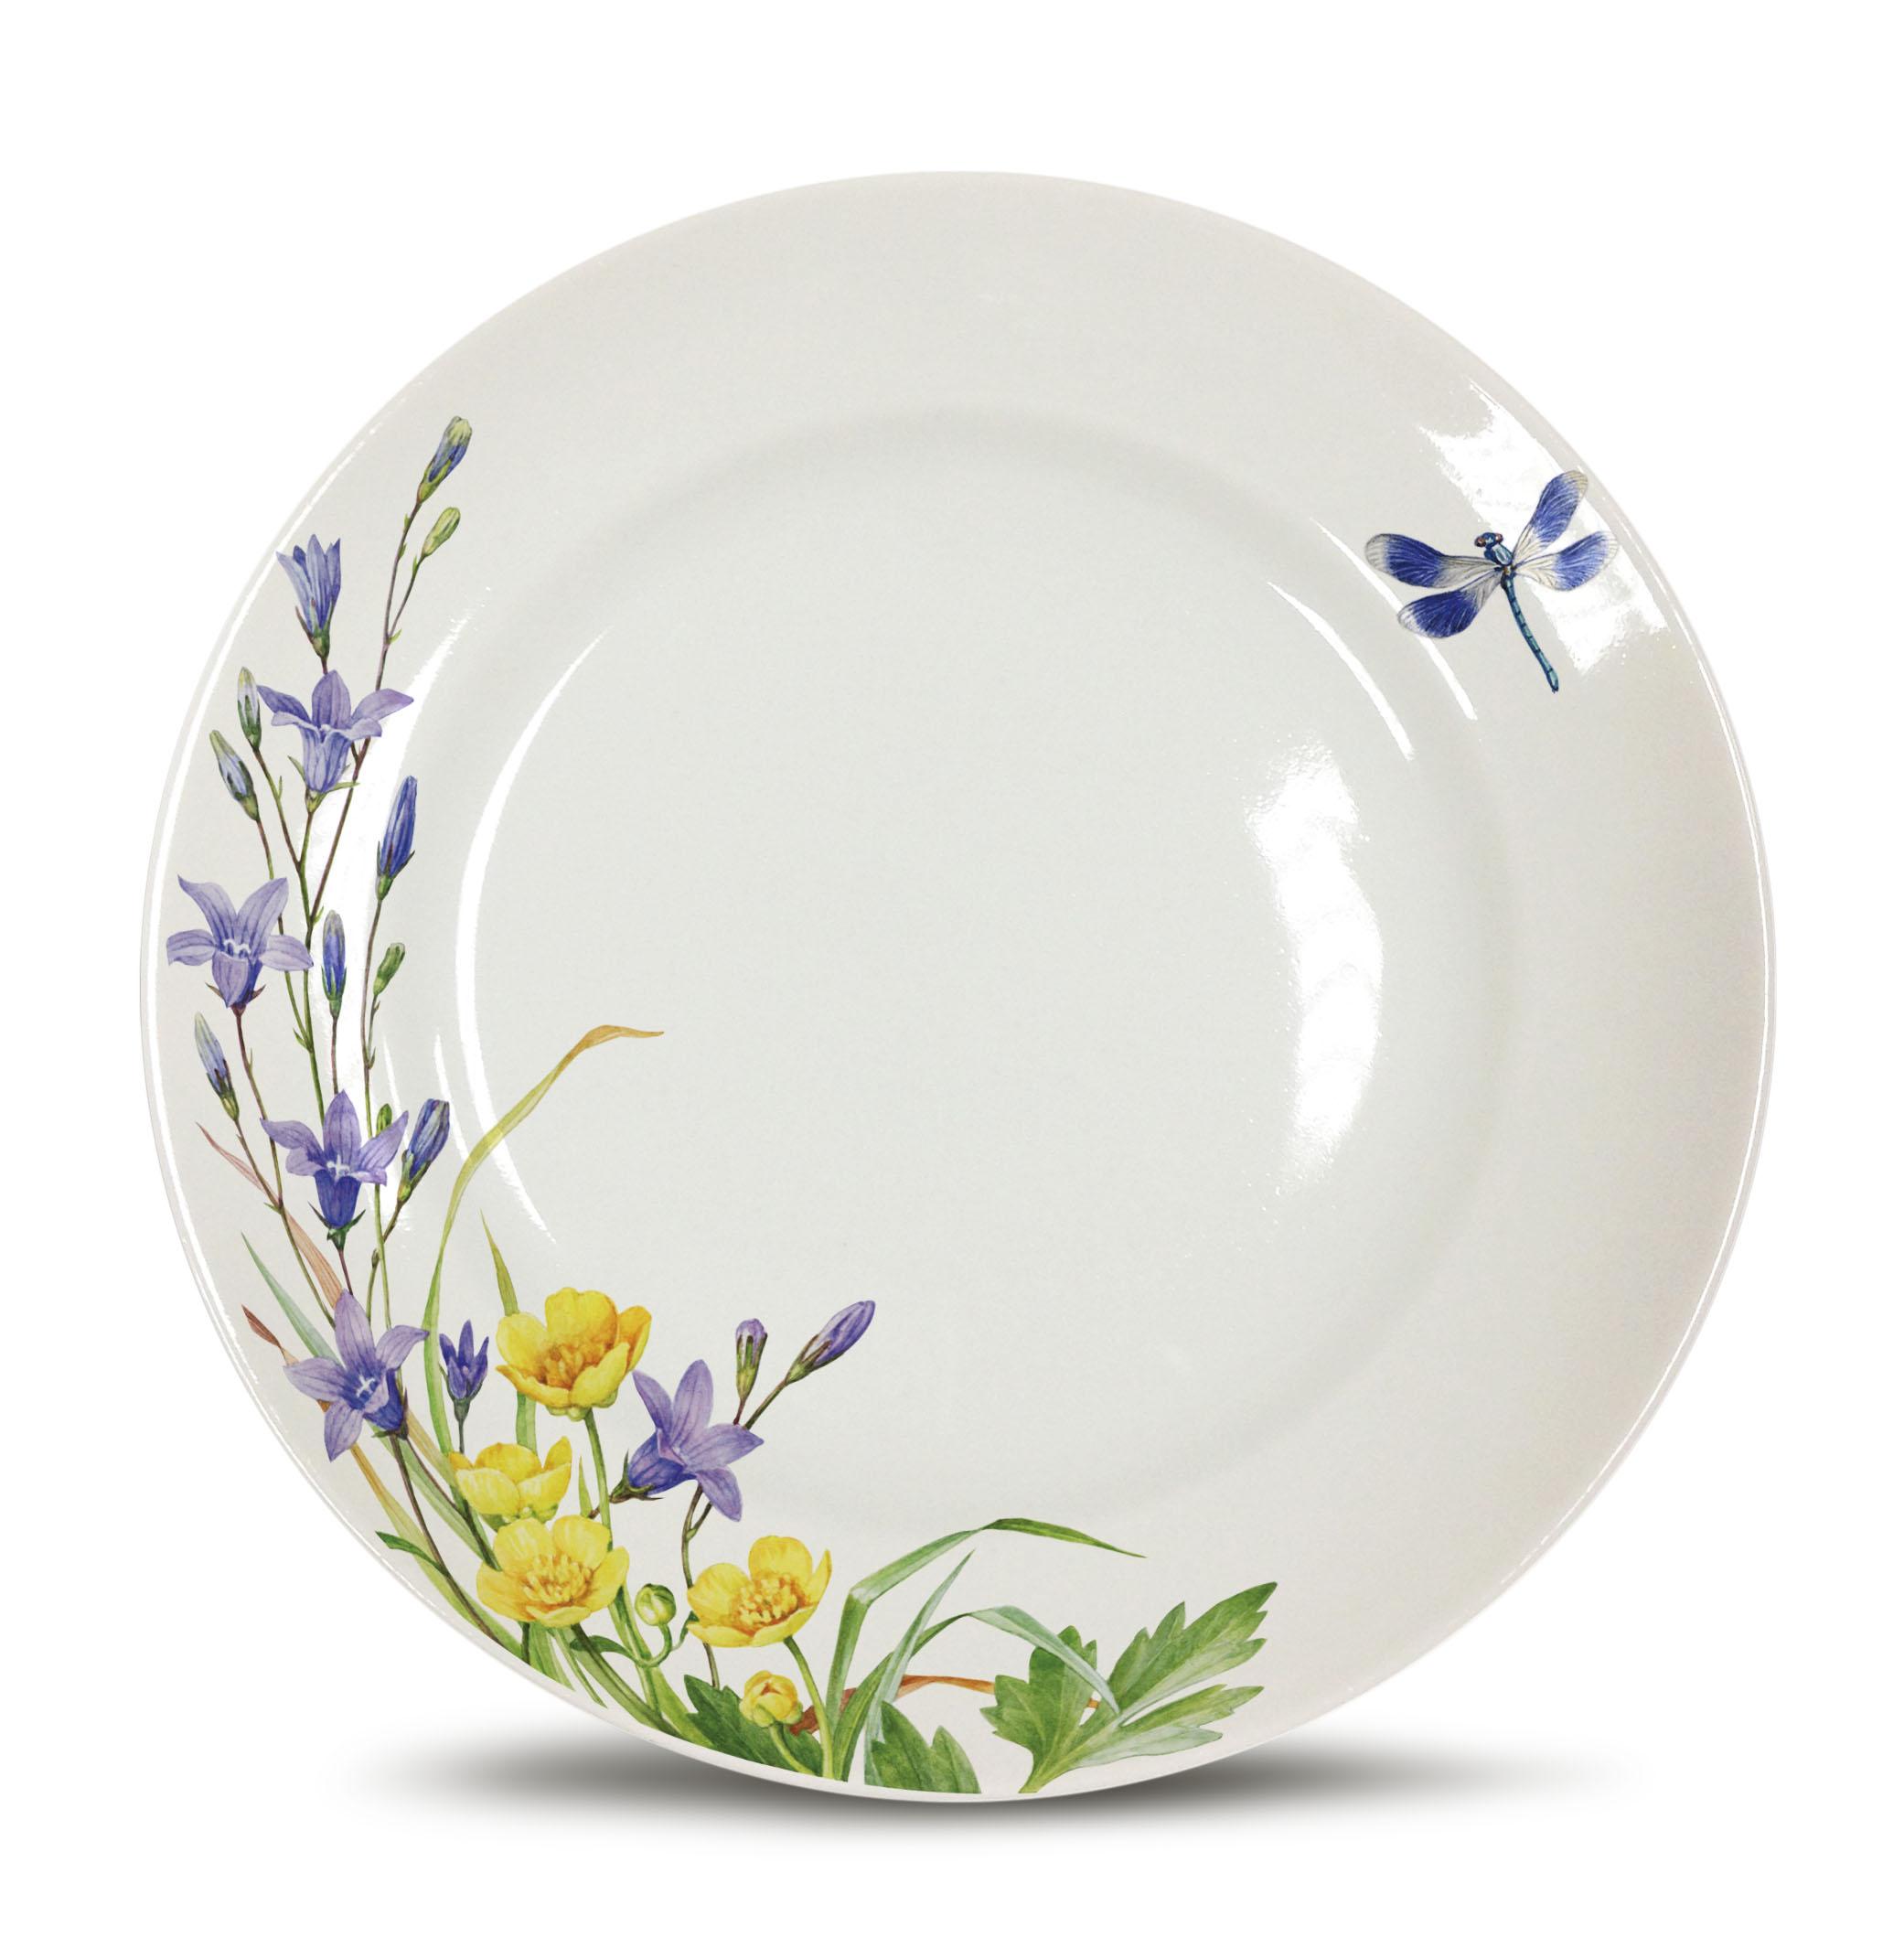 Картинки посуды тарелки